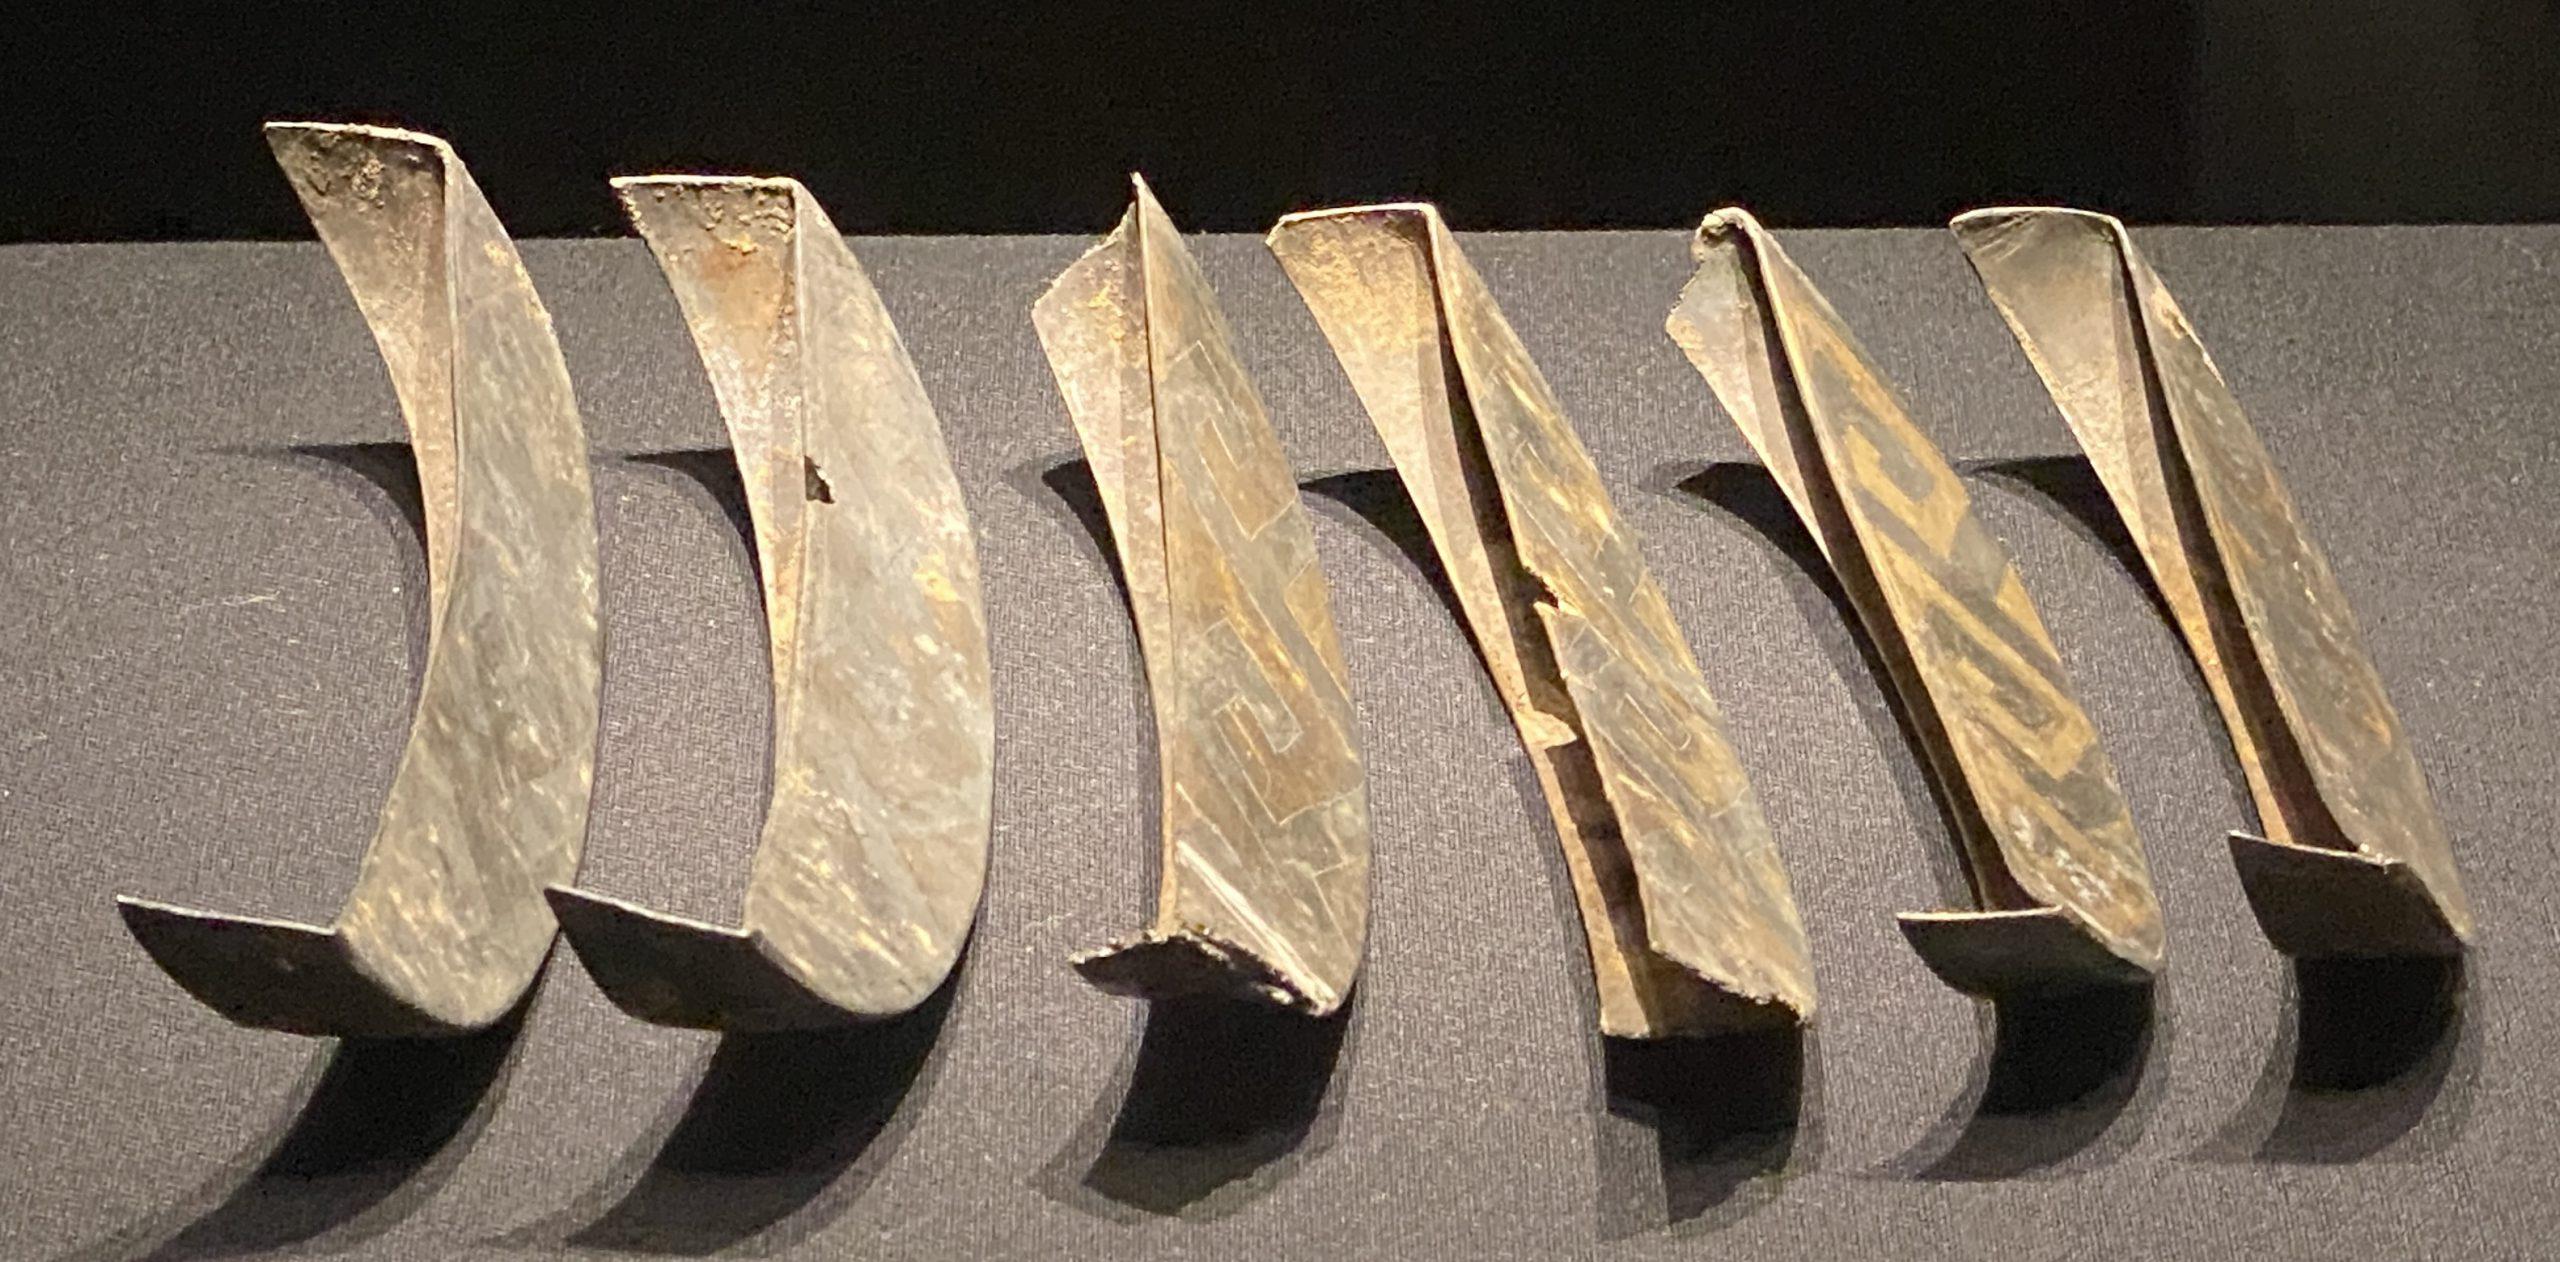 鎏金銀杯耳飾-【列備五都-秦漢時代の中国都市】-成都博物館-四川成都